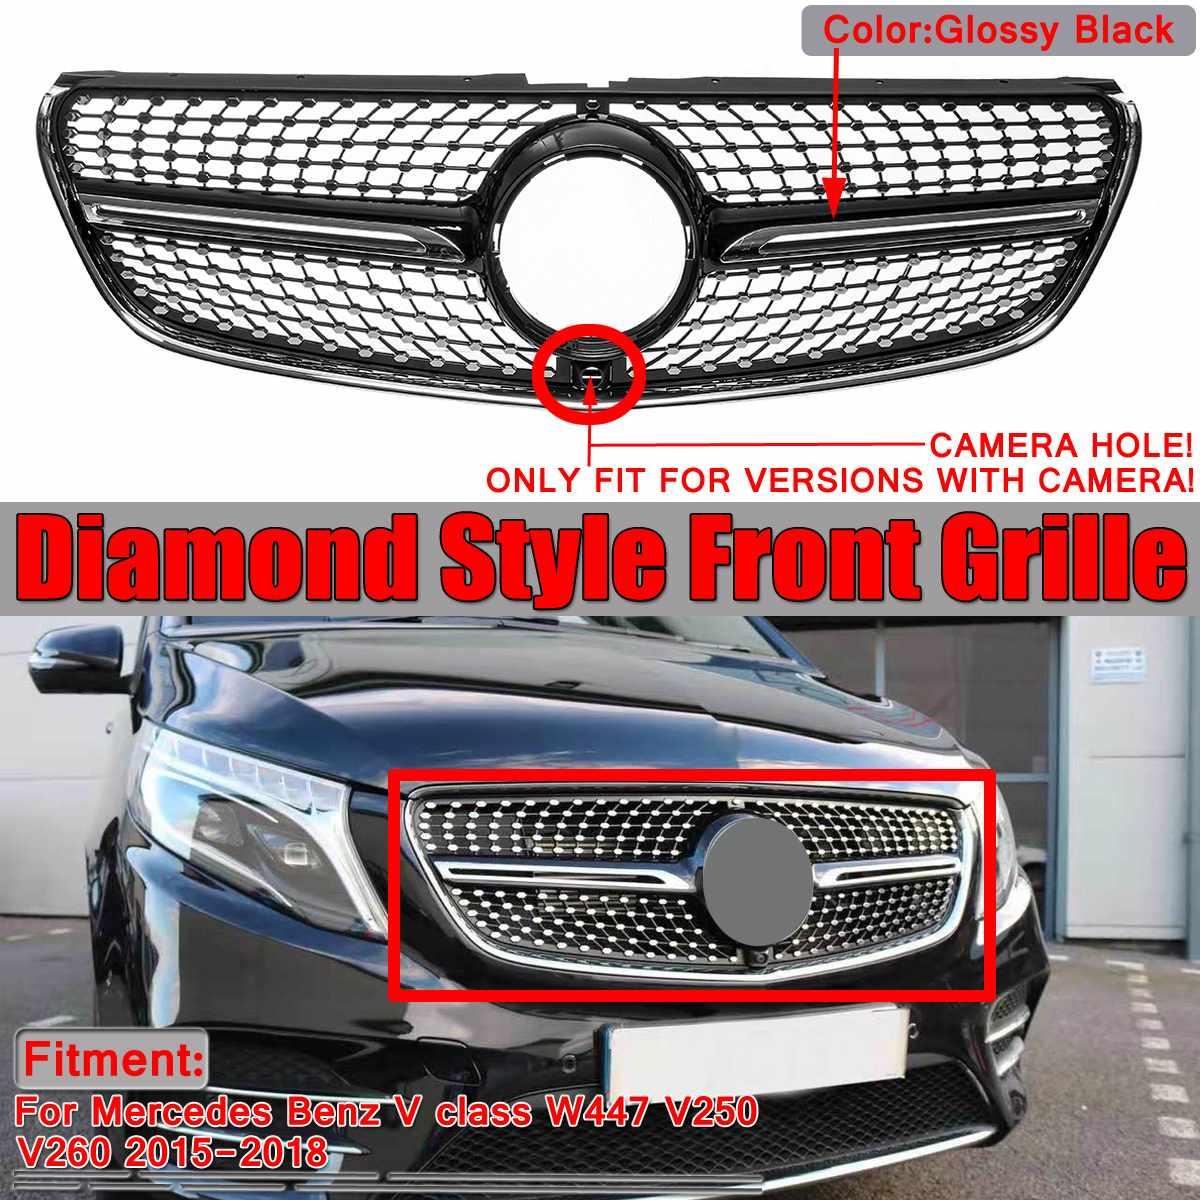 Grade dianteira do carro da malha w447 da grade do diamante com a câmera para mercedes para benz v classe w447 v250 v260 2015-2018 preto/cromo